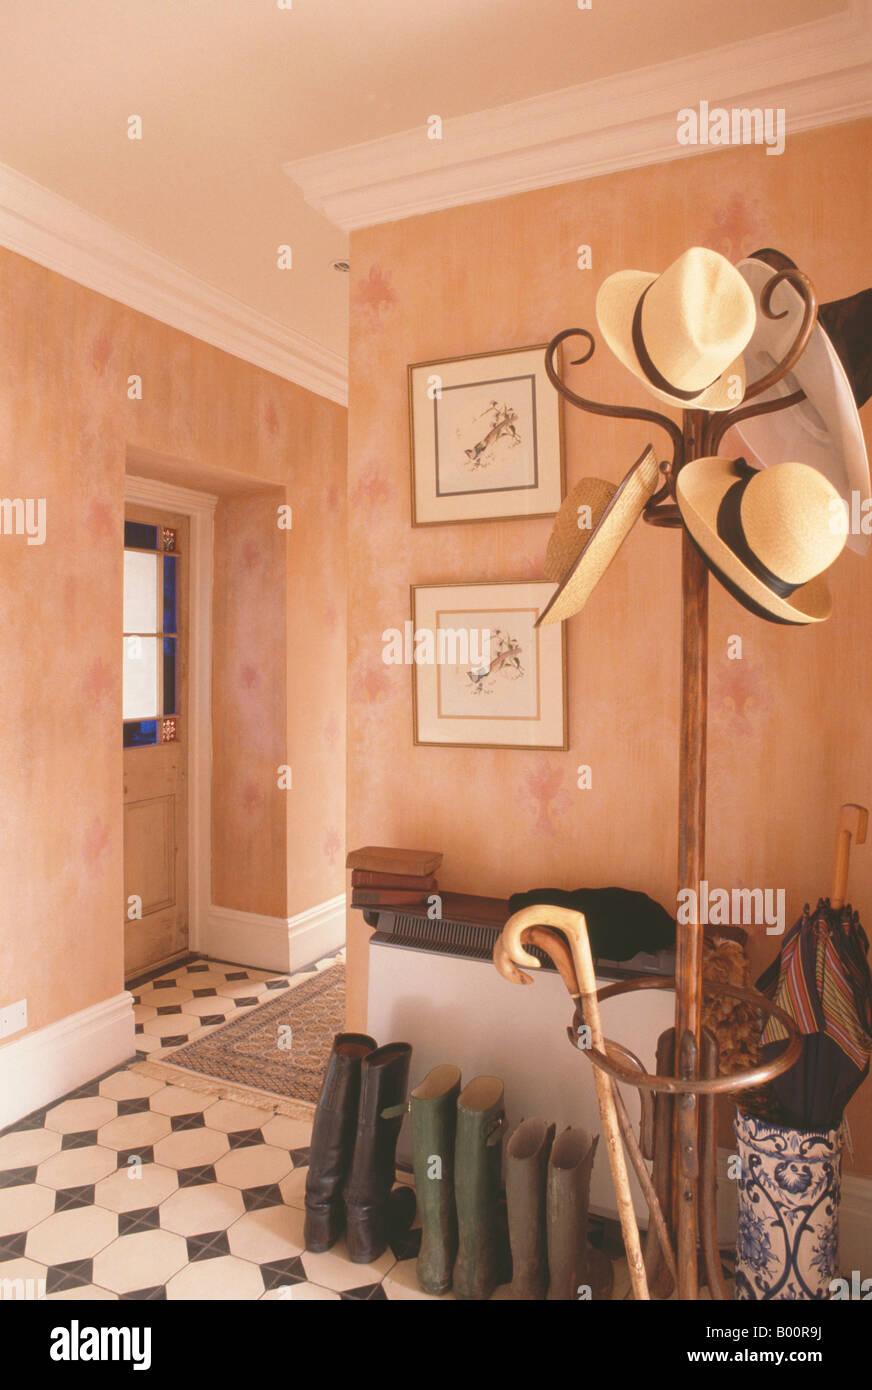 Sombreros de paja y bastones de bentwood hatstand junto a botas en efecto  pintura paredes terracota c99ab5a0728